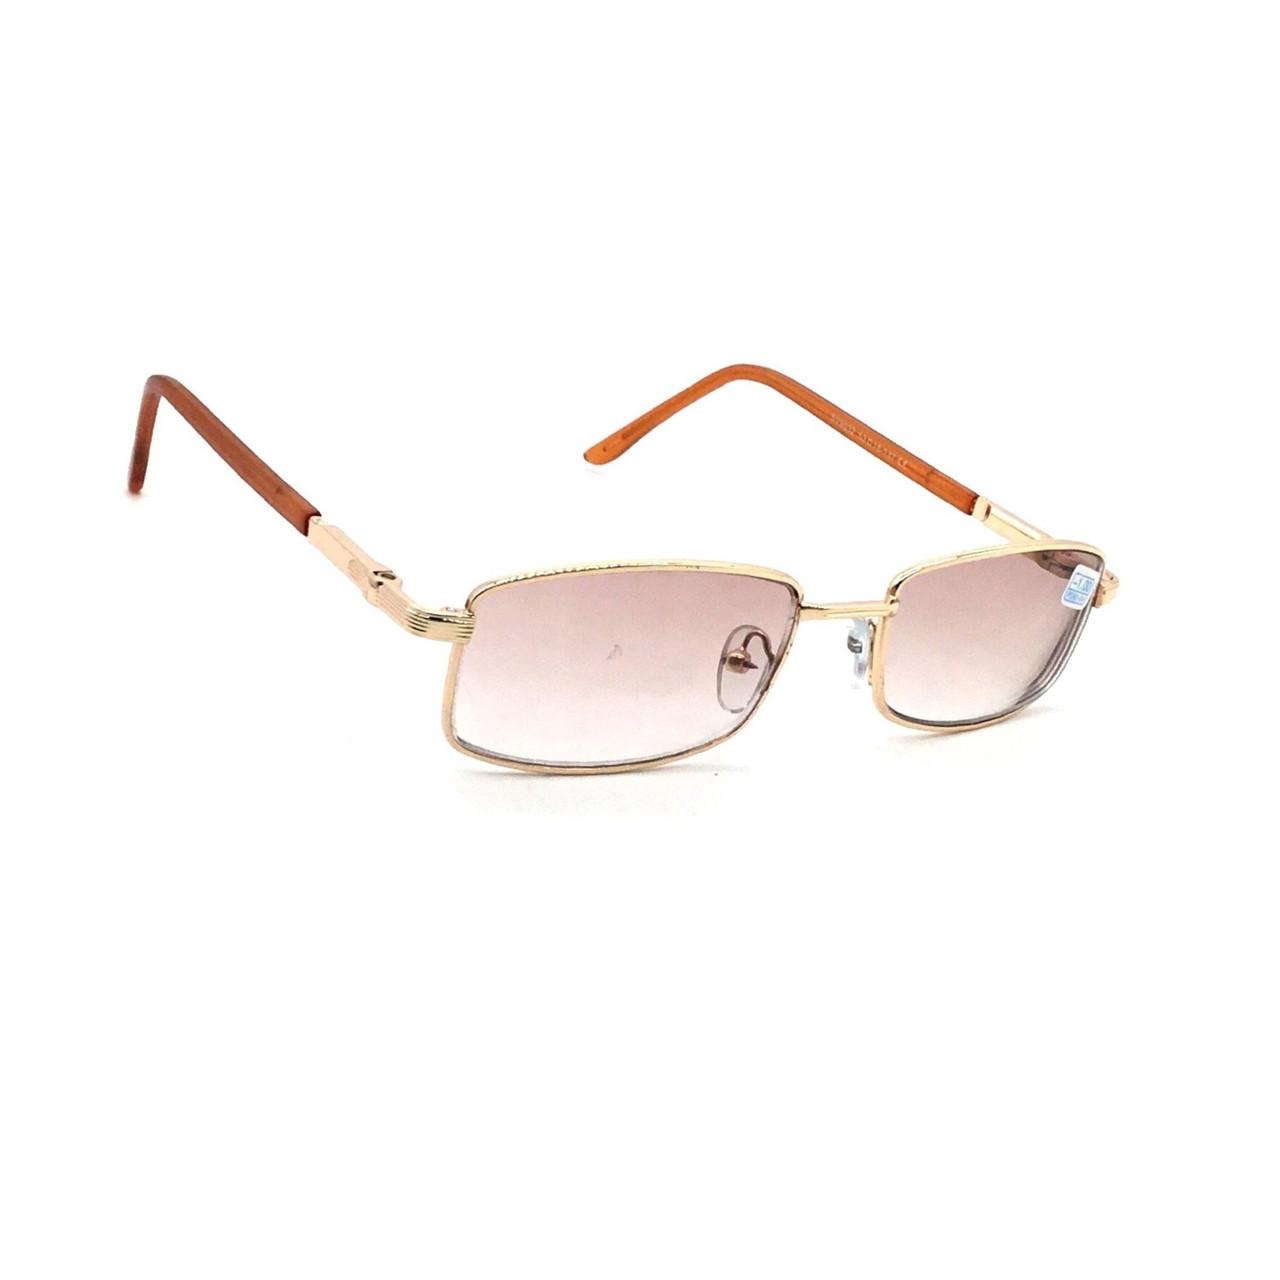 Молодежные очки в металлической оправе с тонированной линзой